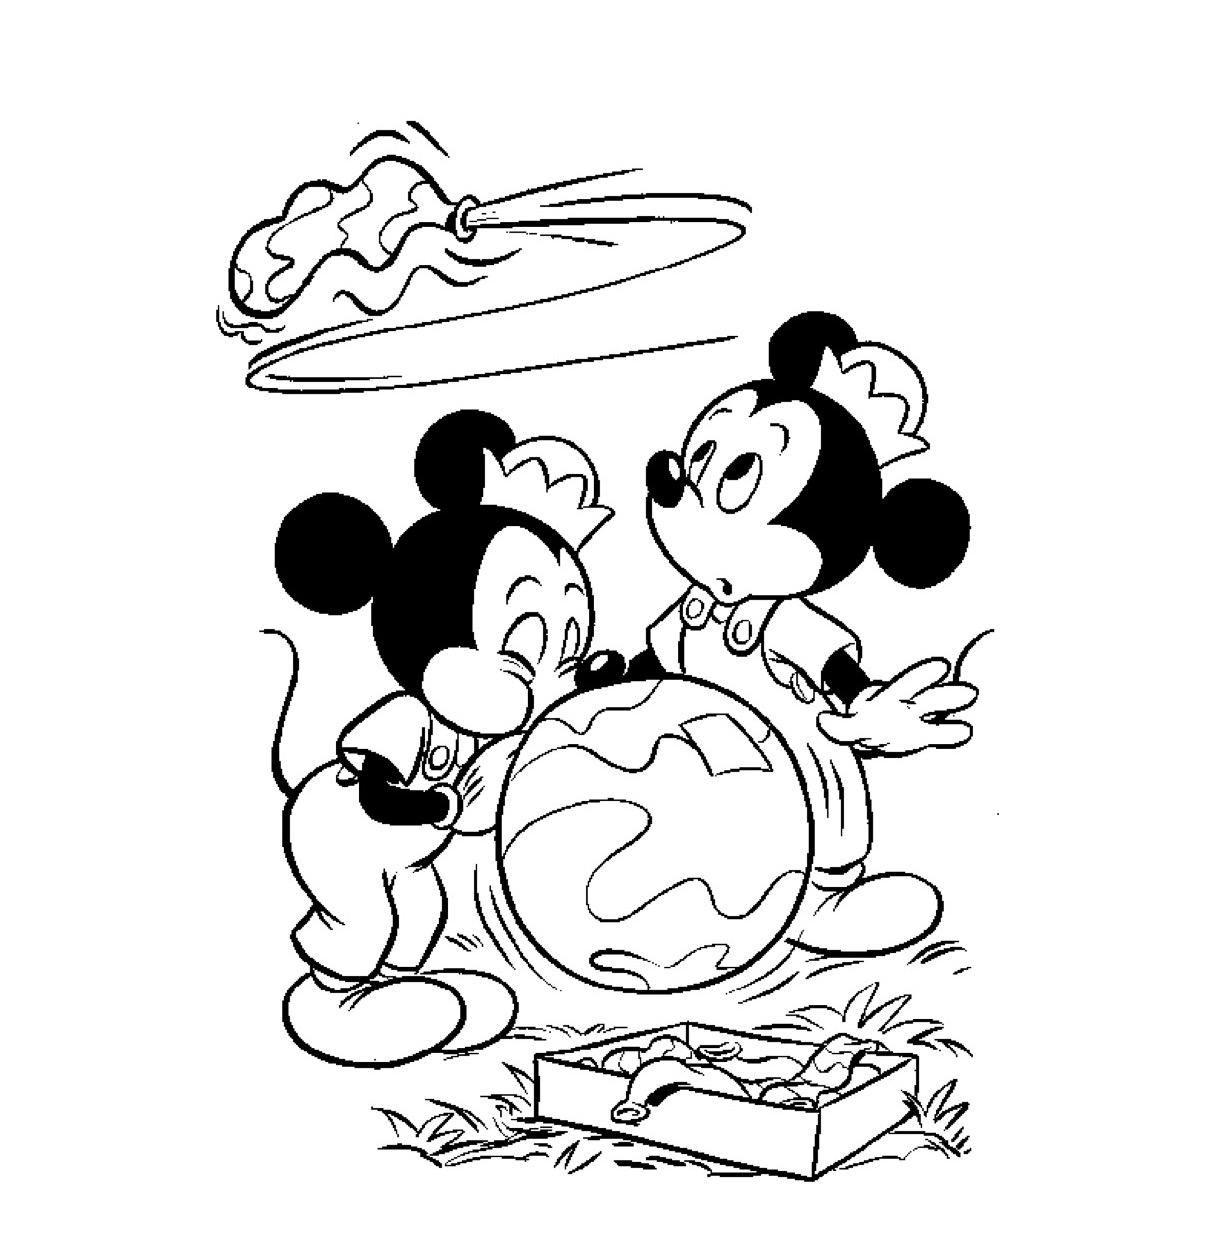 Kerst Kleurplaten Donald Duck Kleuren Nu Puk En Max Blazen Ballonnen Op Kleurplaten